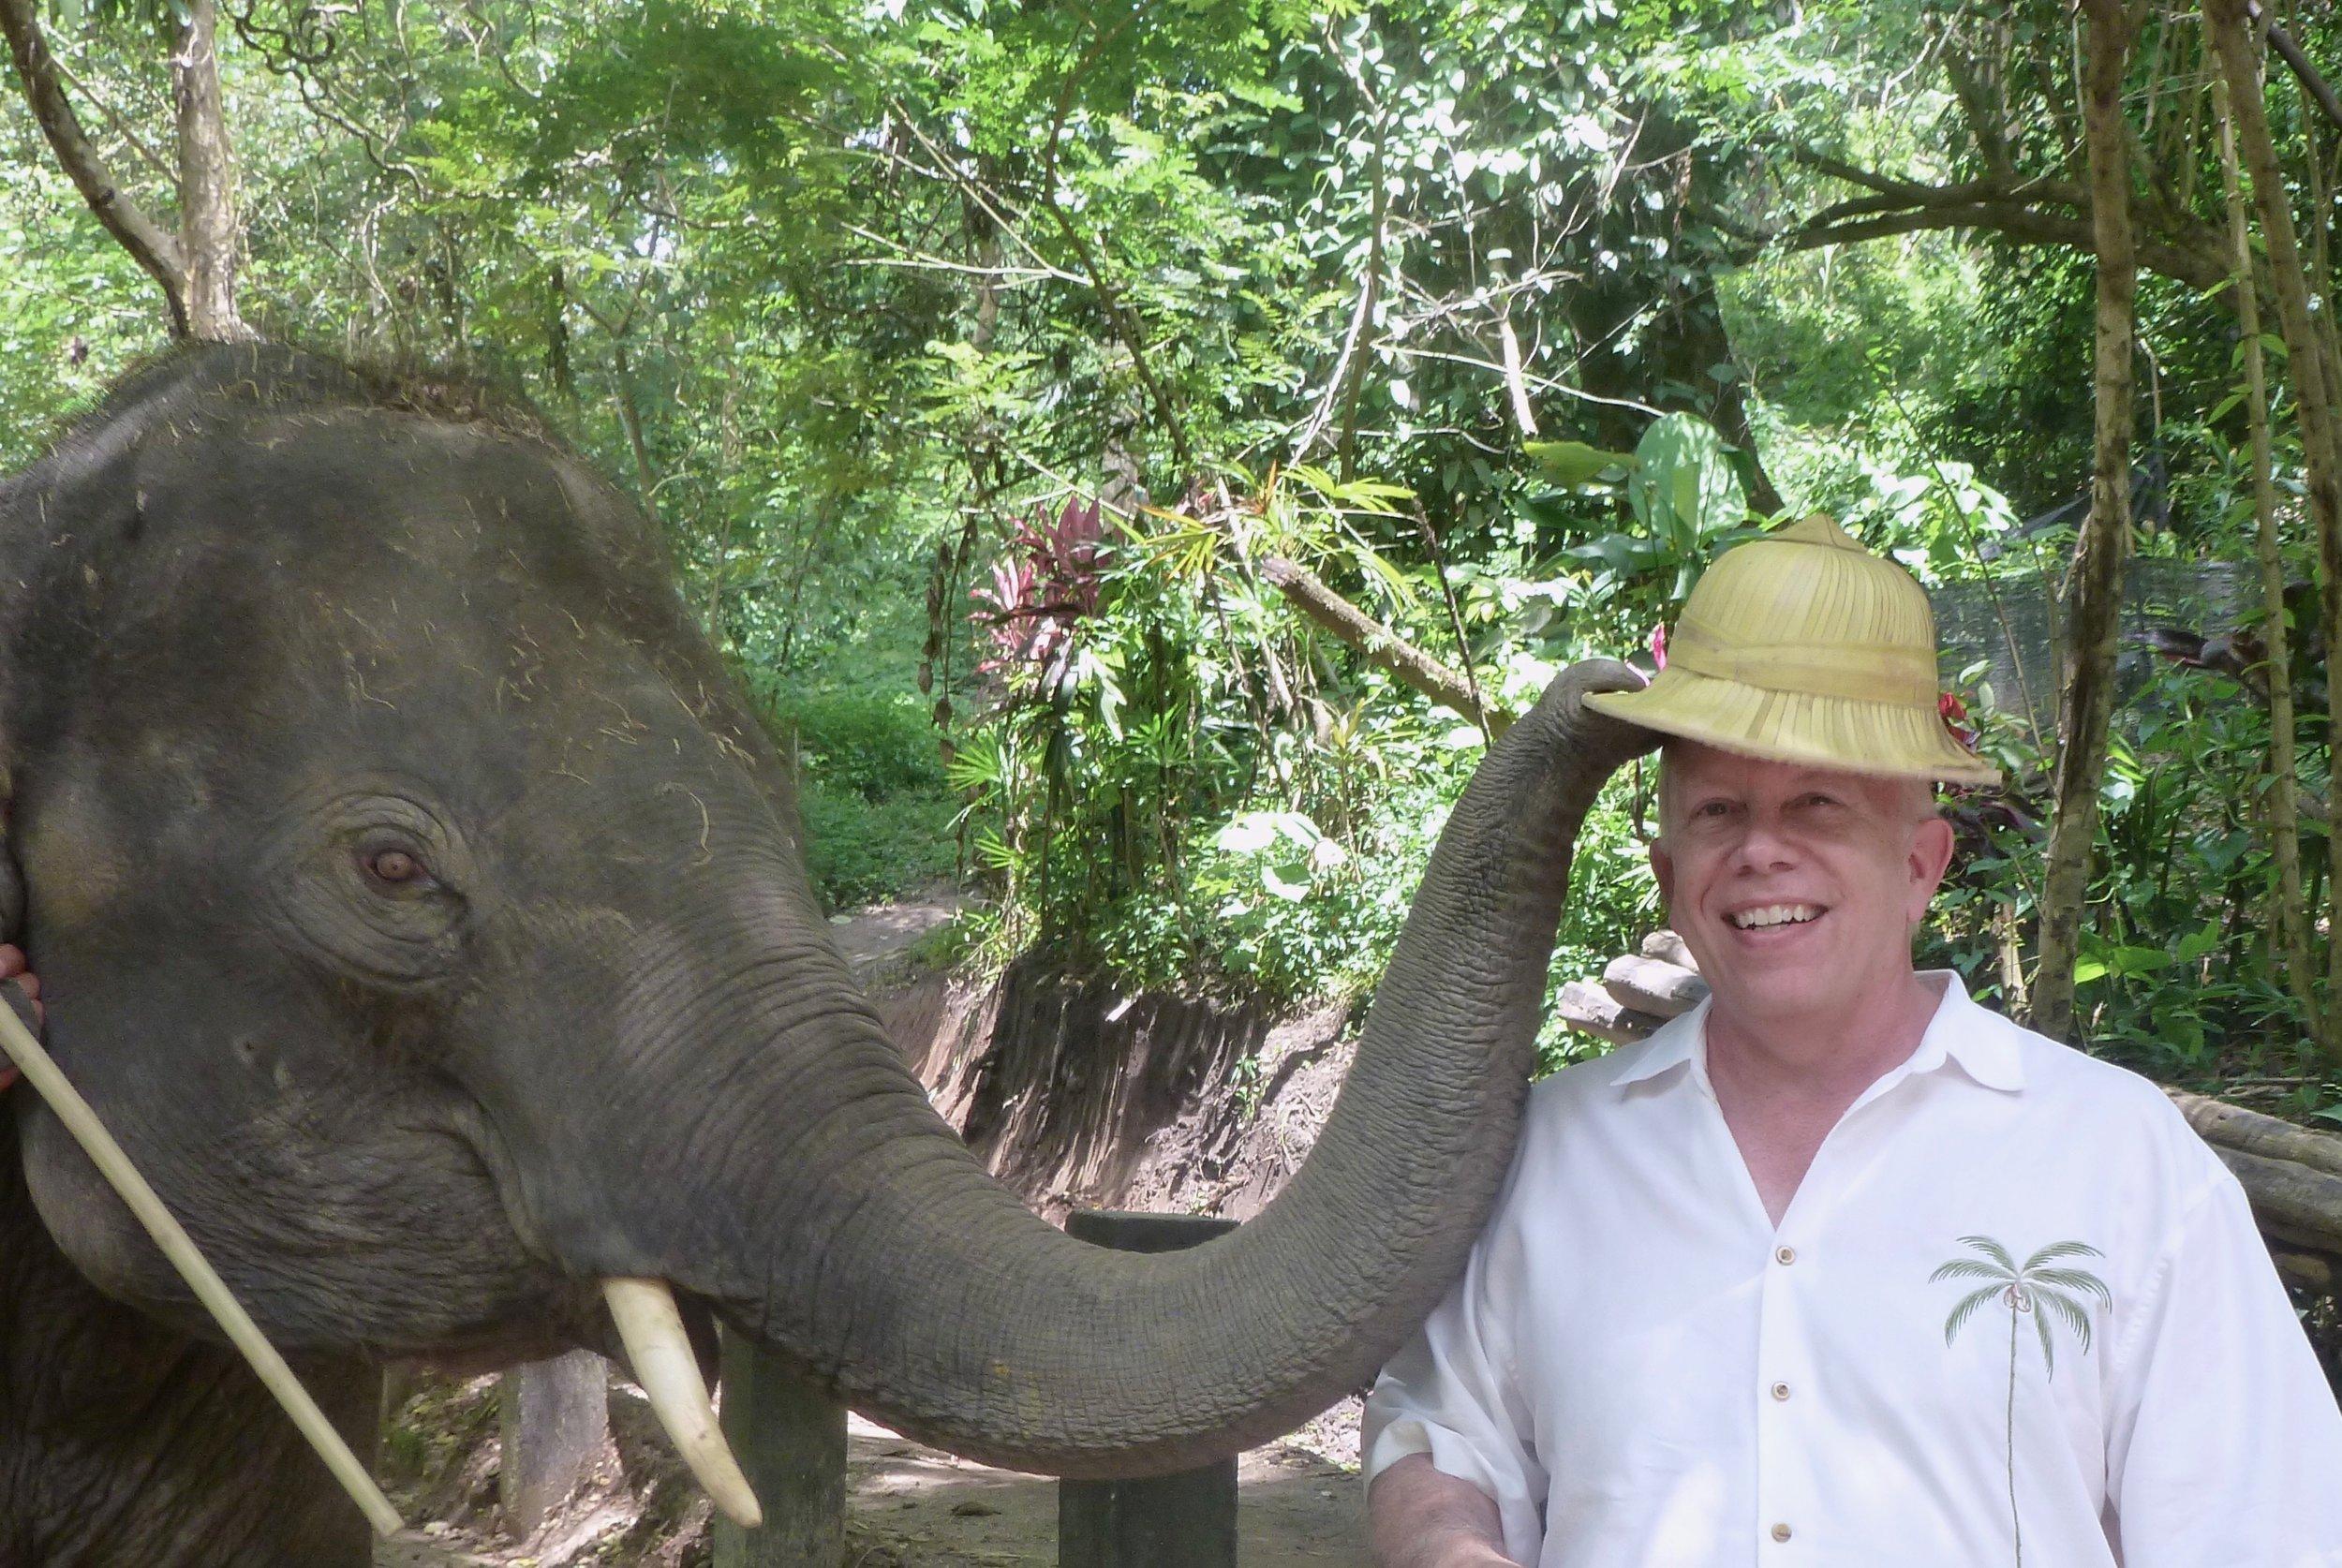 My helpful friend in Thailand.